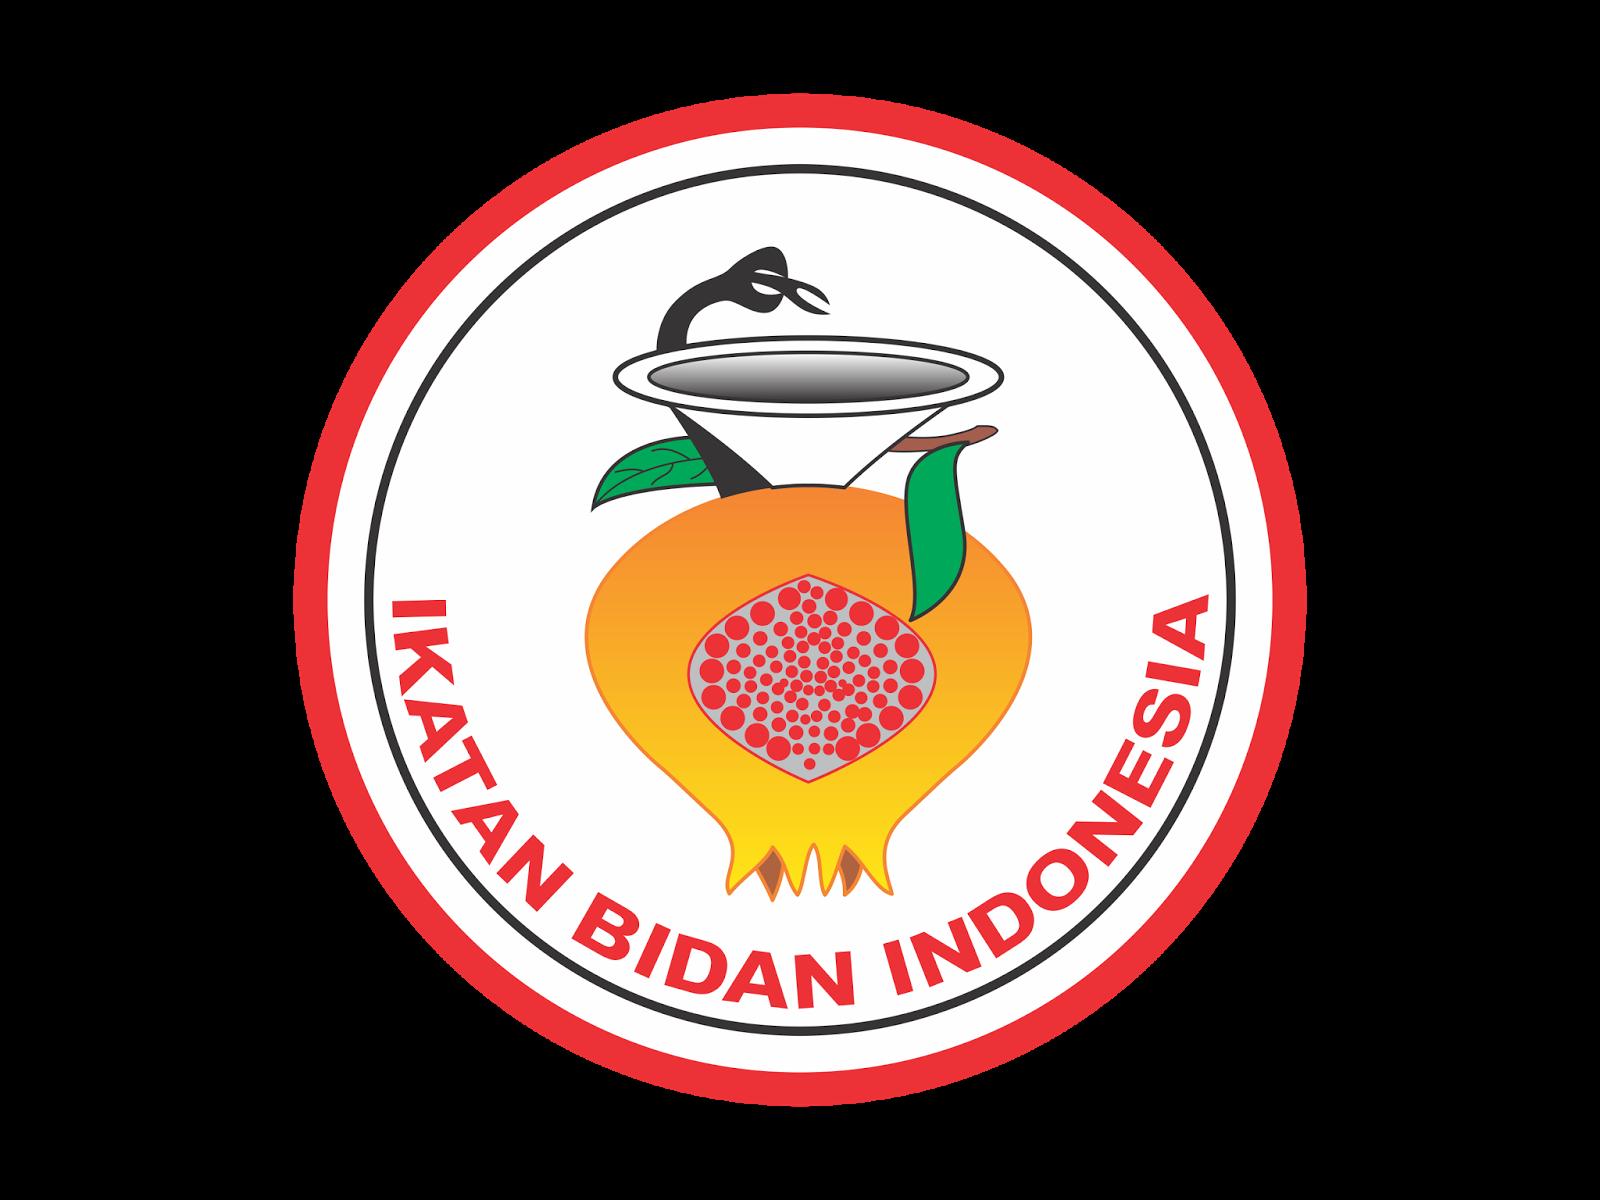 logo ikatan bidan indonesia ibi format cdr amp png